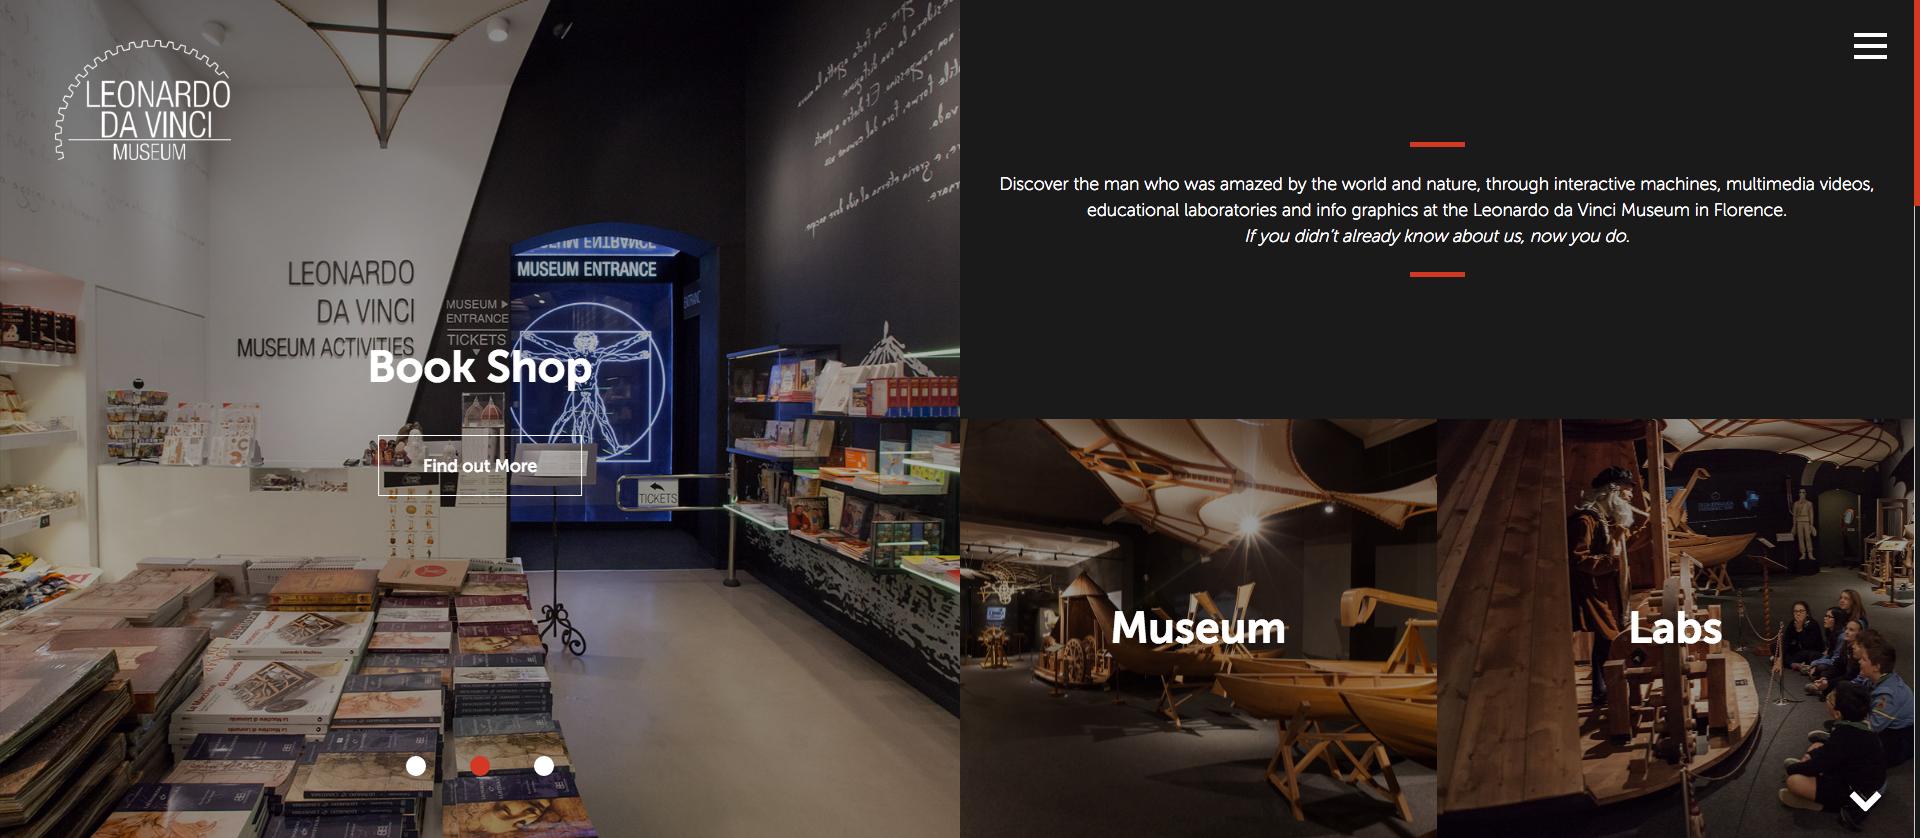 esempio-web-design